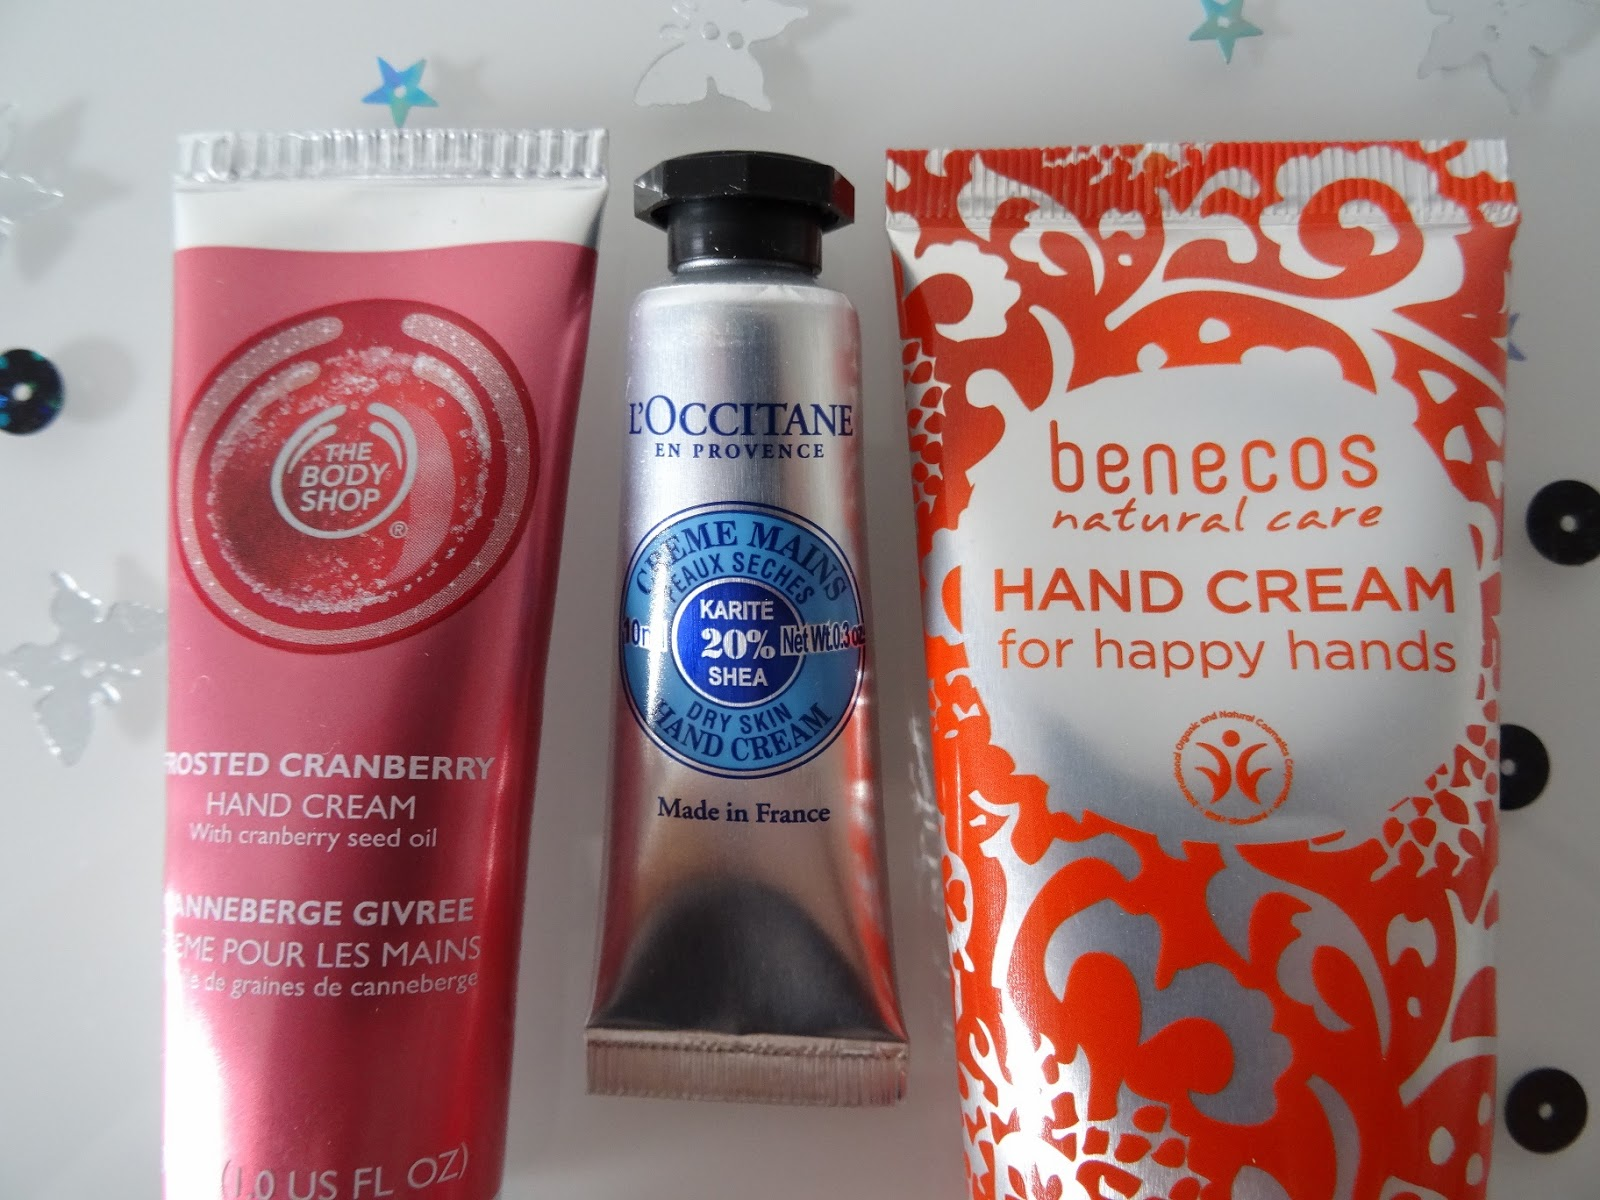 Hand cream reviews